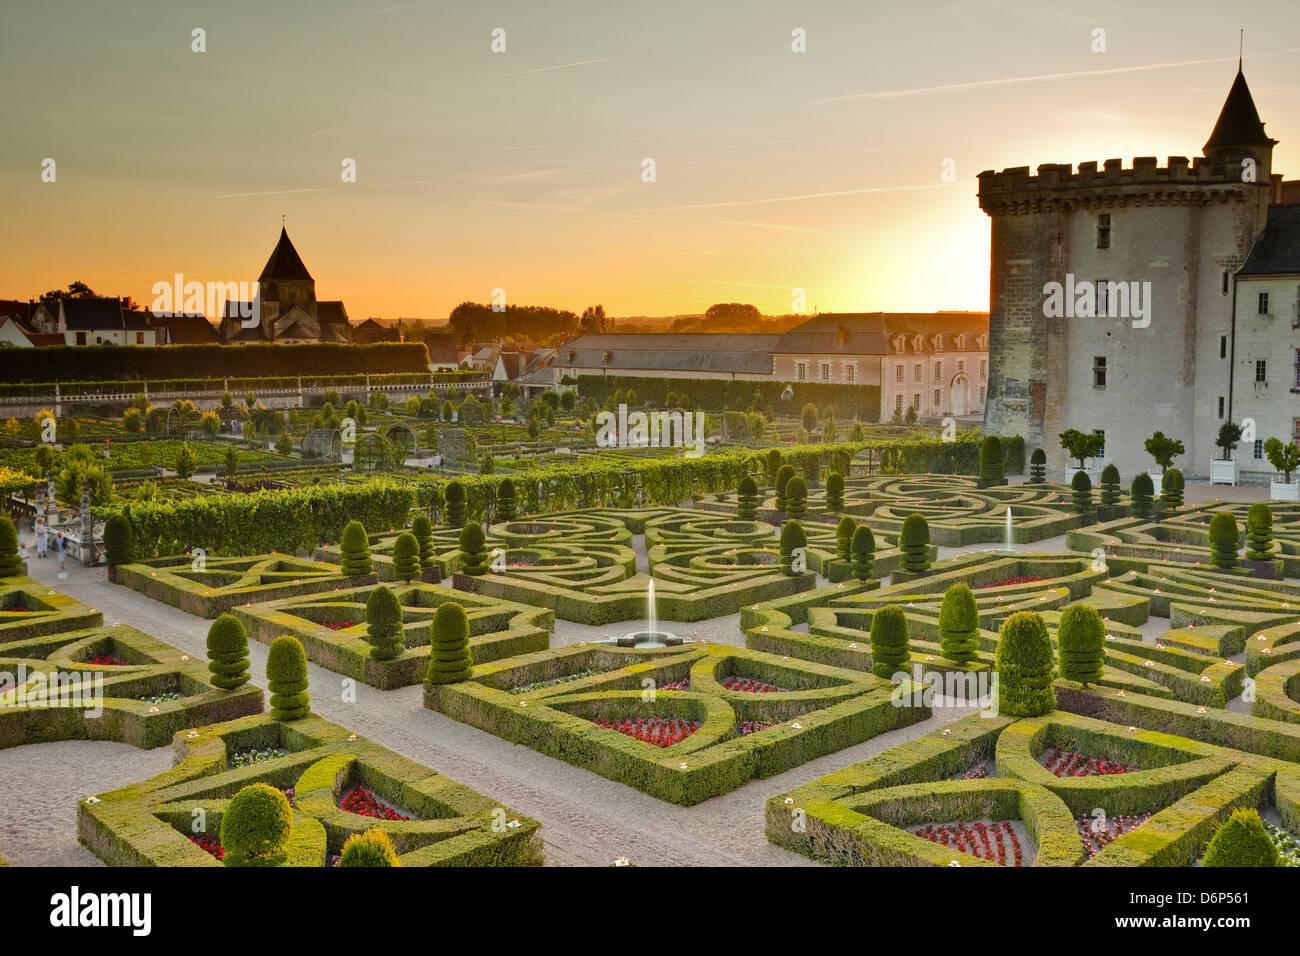 Le Chateau de Villandry et ses jardins au coucher du soleil, l'UNESCO World Heritage Site, Indre-et-Loire, Loire, Photo Stock